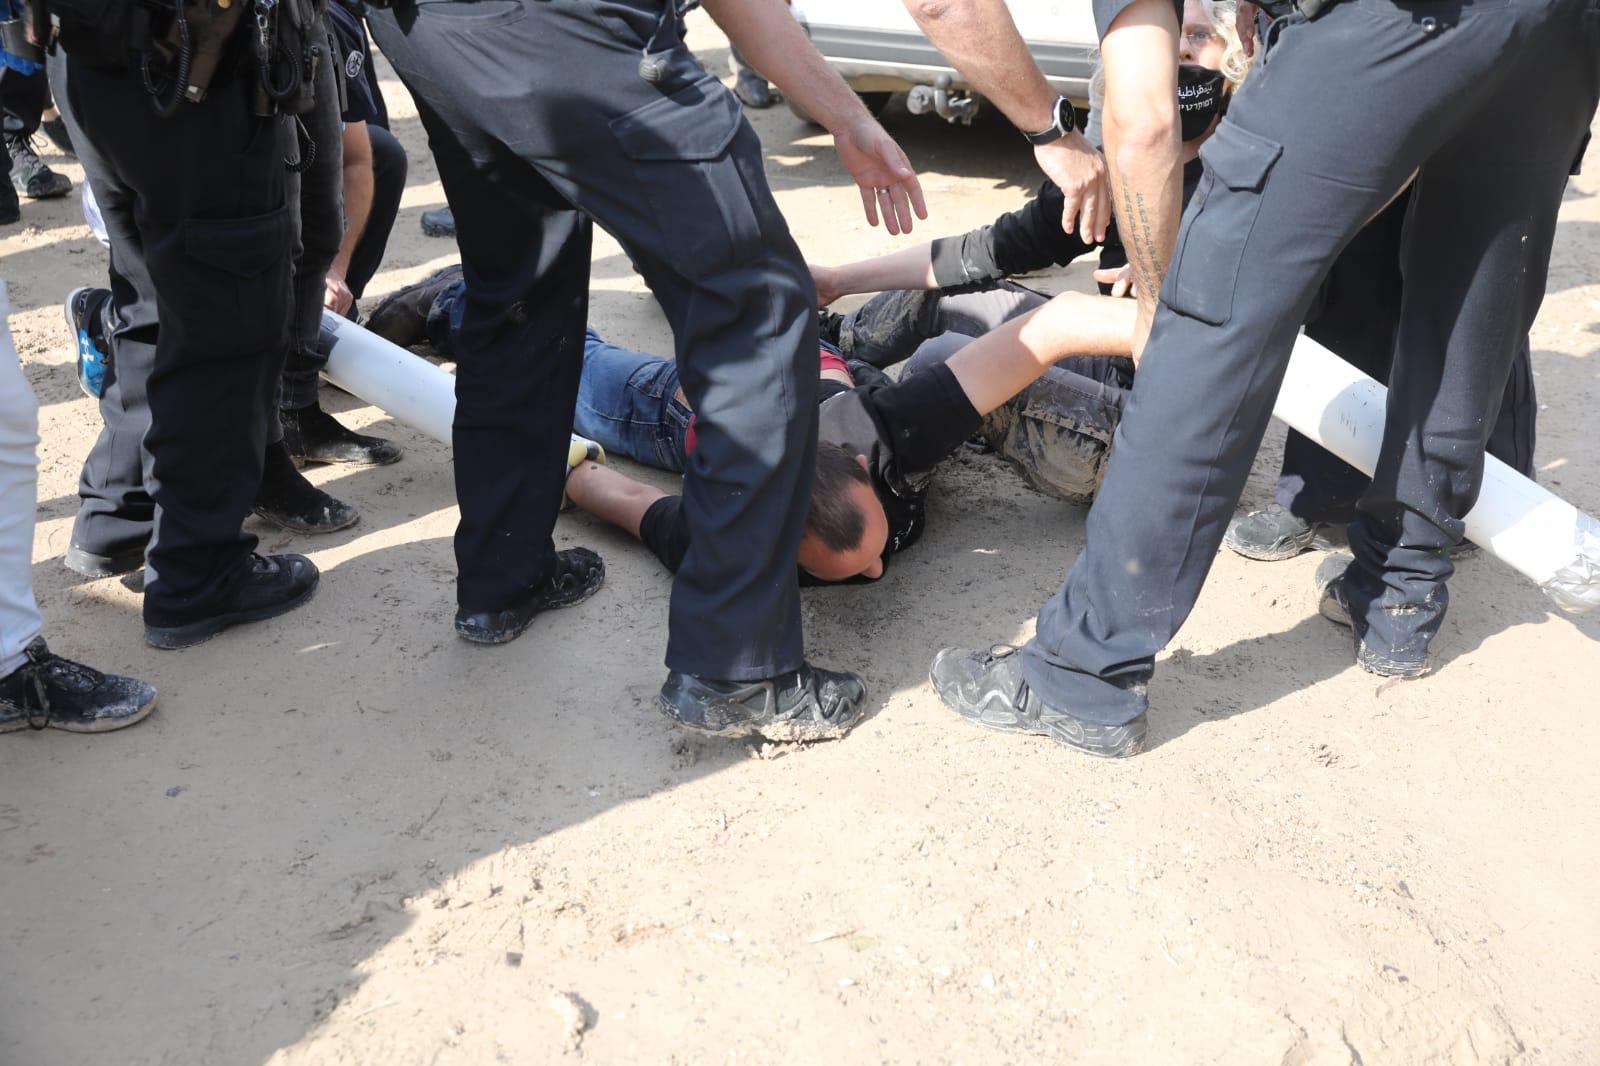 La polizia israeliana arresta gli attivisti per il clima fuori dalla cava di HeidelbergCement nella Cisgiordania occupata durante una protesta contro il piano governativo di espandere la cava e costruire una zona industriale nelle vicinanze, il 22 novembre 2020. (Oren Ziv)